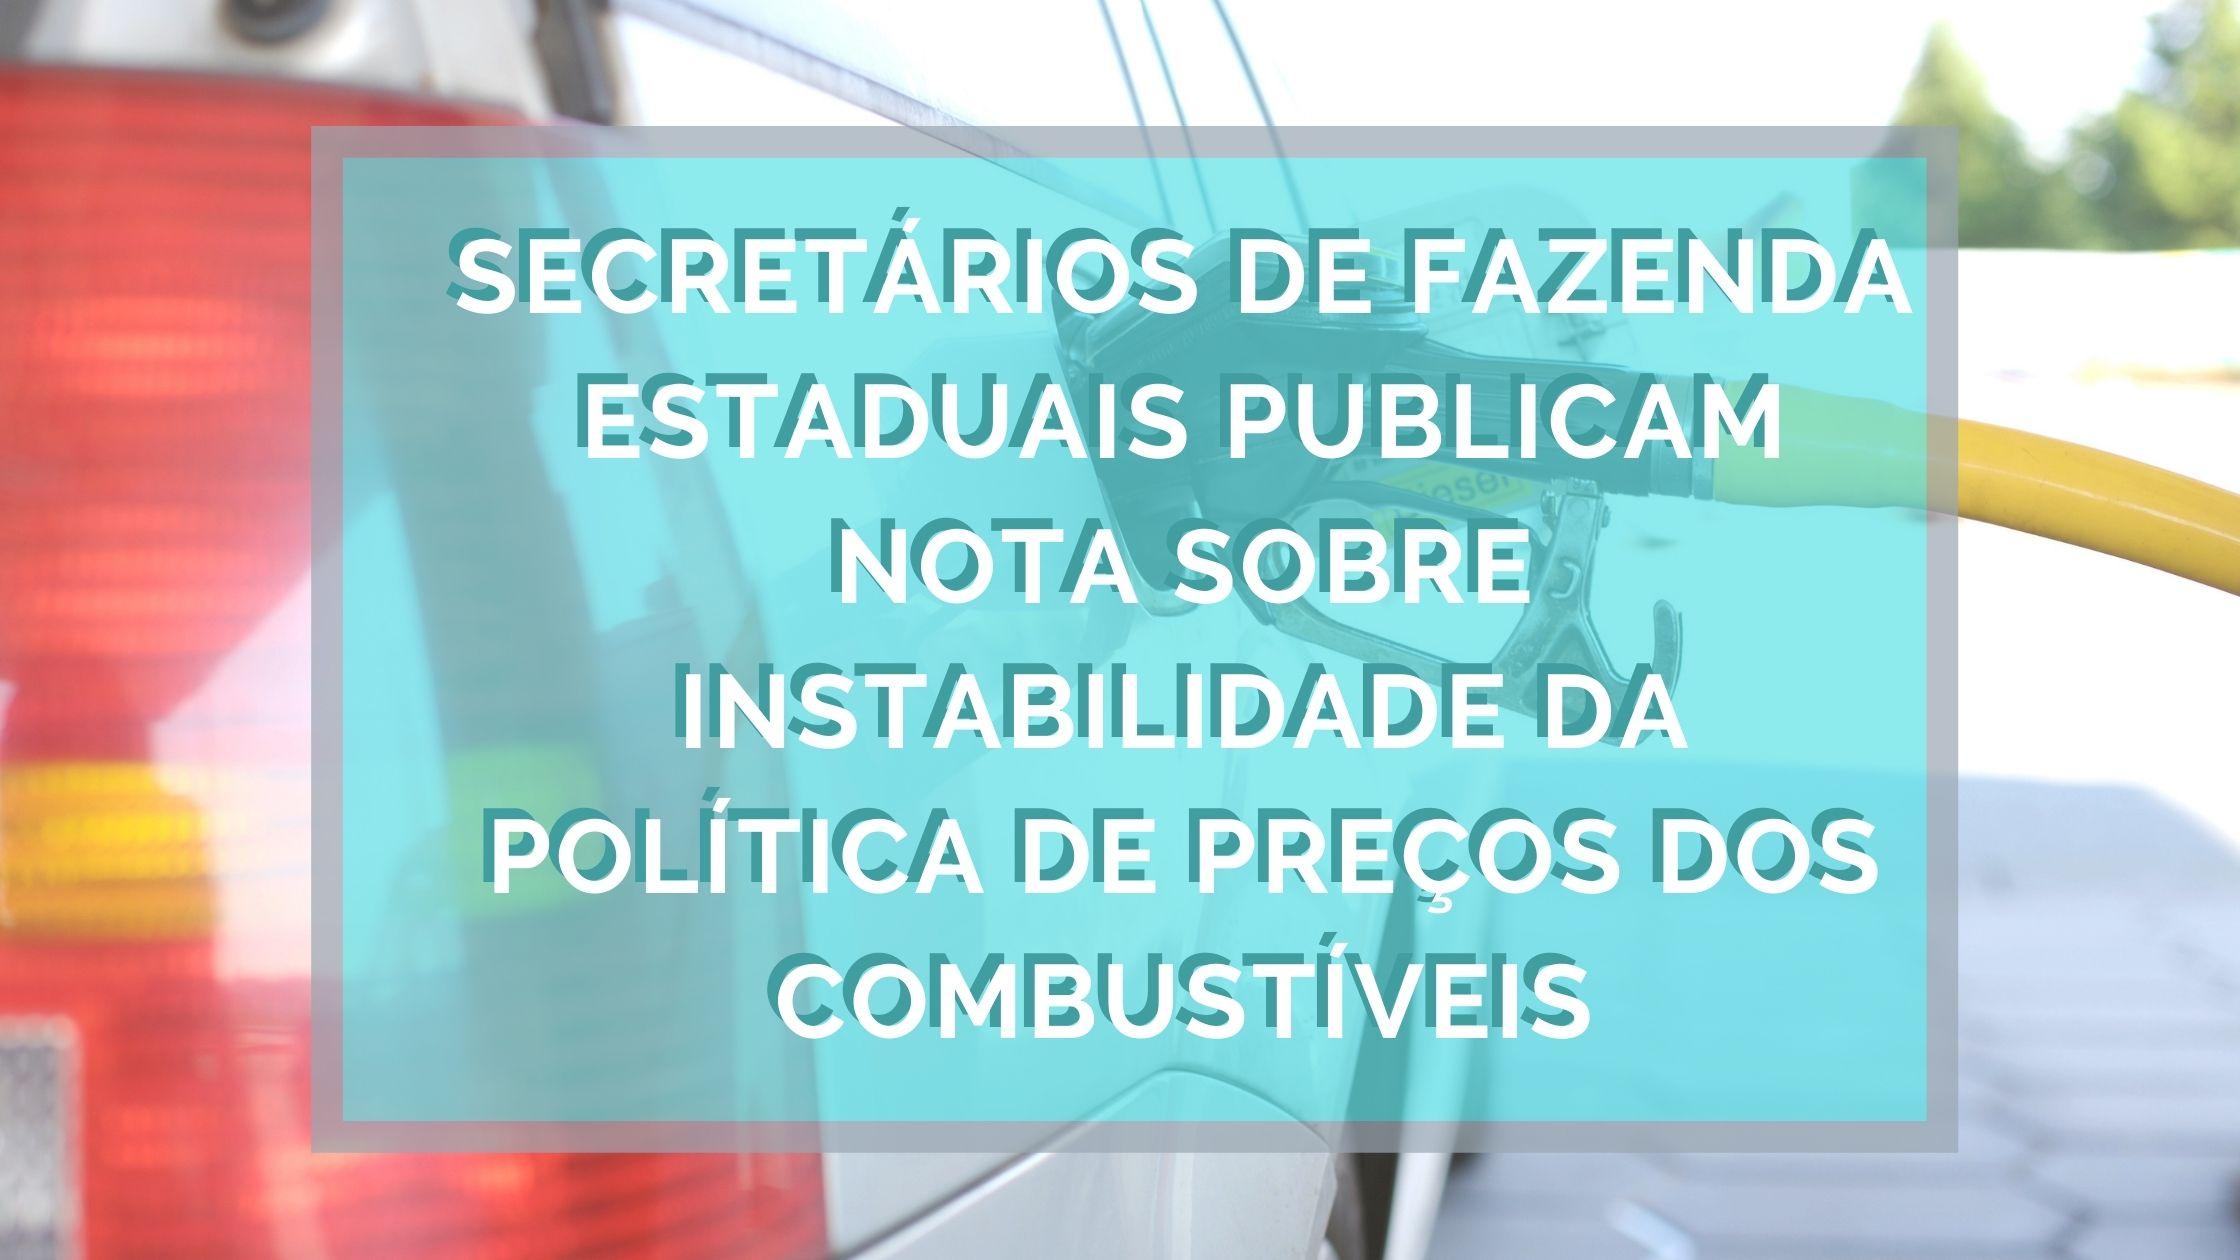 NOTA DOS SECRETÁRIOS DE FAZENDA ESTADUAIS SOBRE A INSTABILIDADE DA POLÍTICA DE PREÇOS DOS COMBUSTÍVEIS